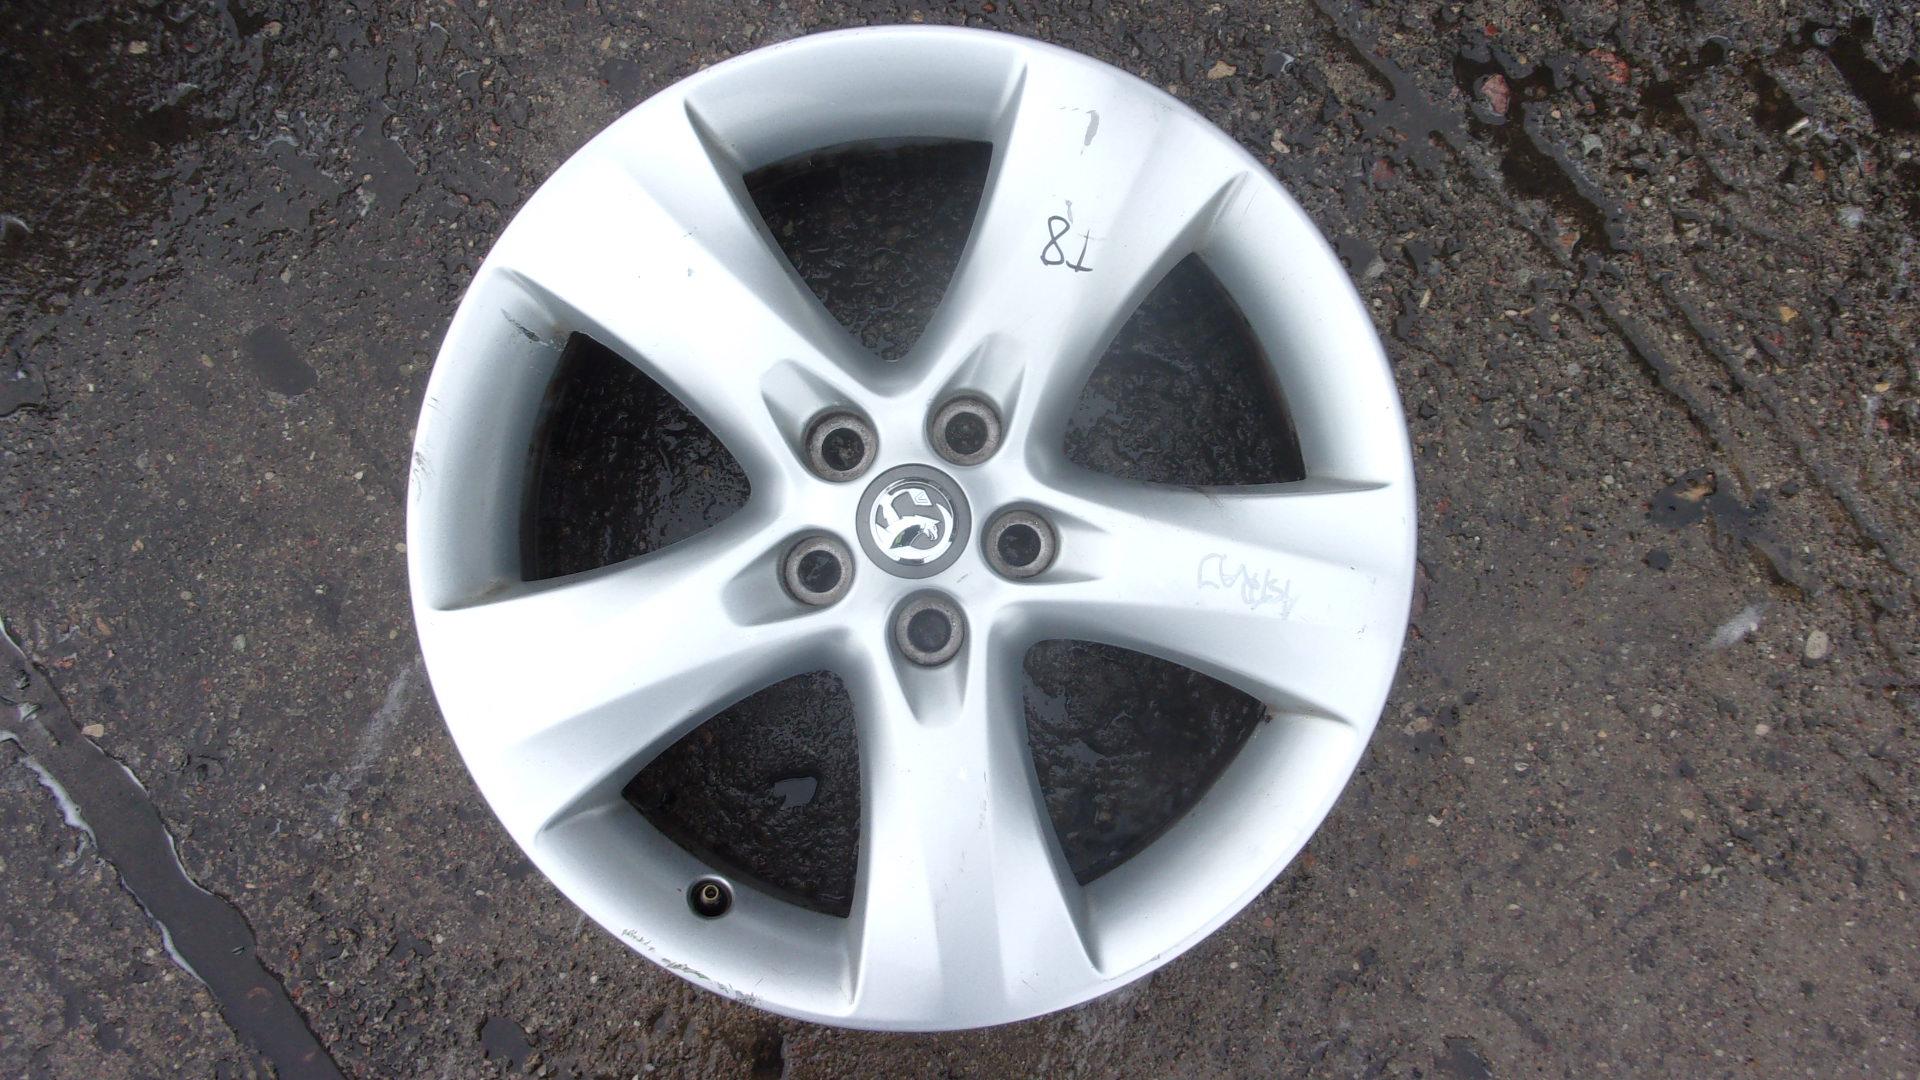 Opel Astra J Felga Aluminiowa 17 5x105 Et 42 7084066931